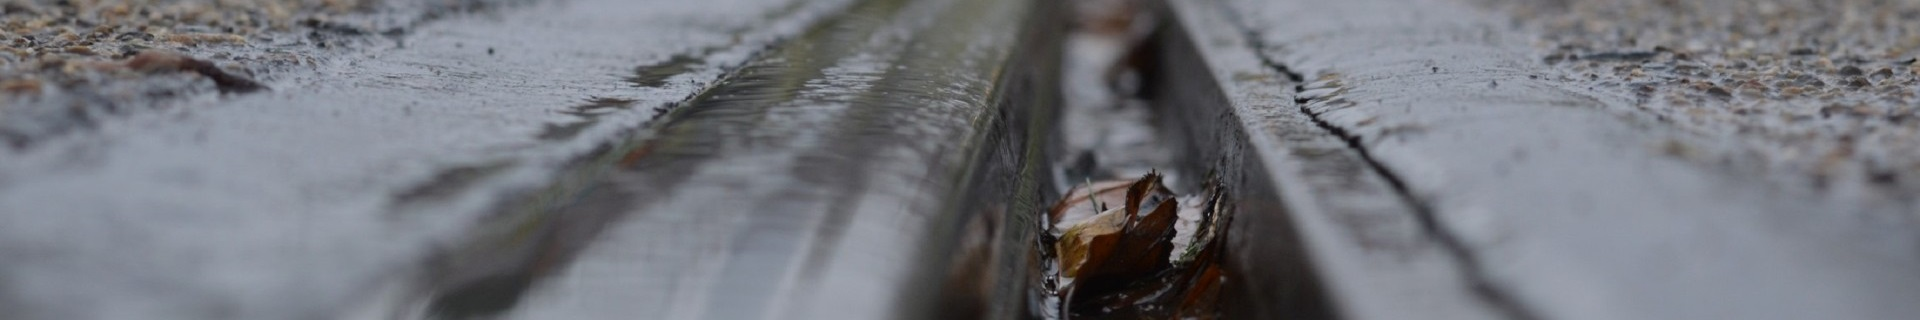 nasse Rillenschiene, Bahntechnik, Bahnbetrieb